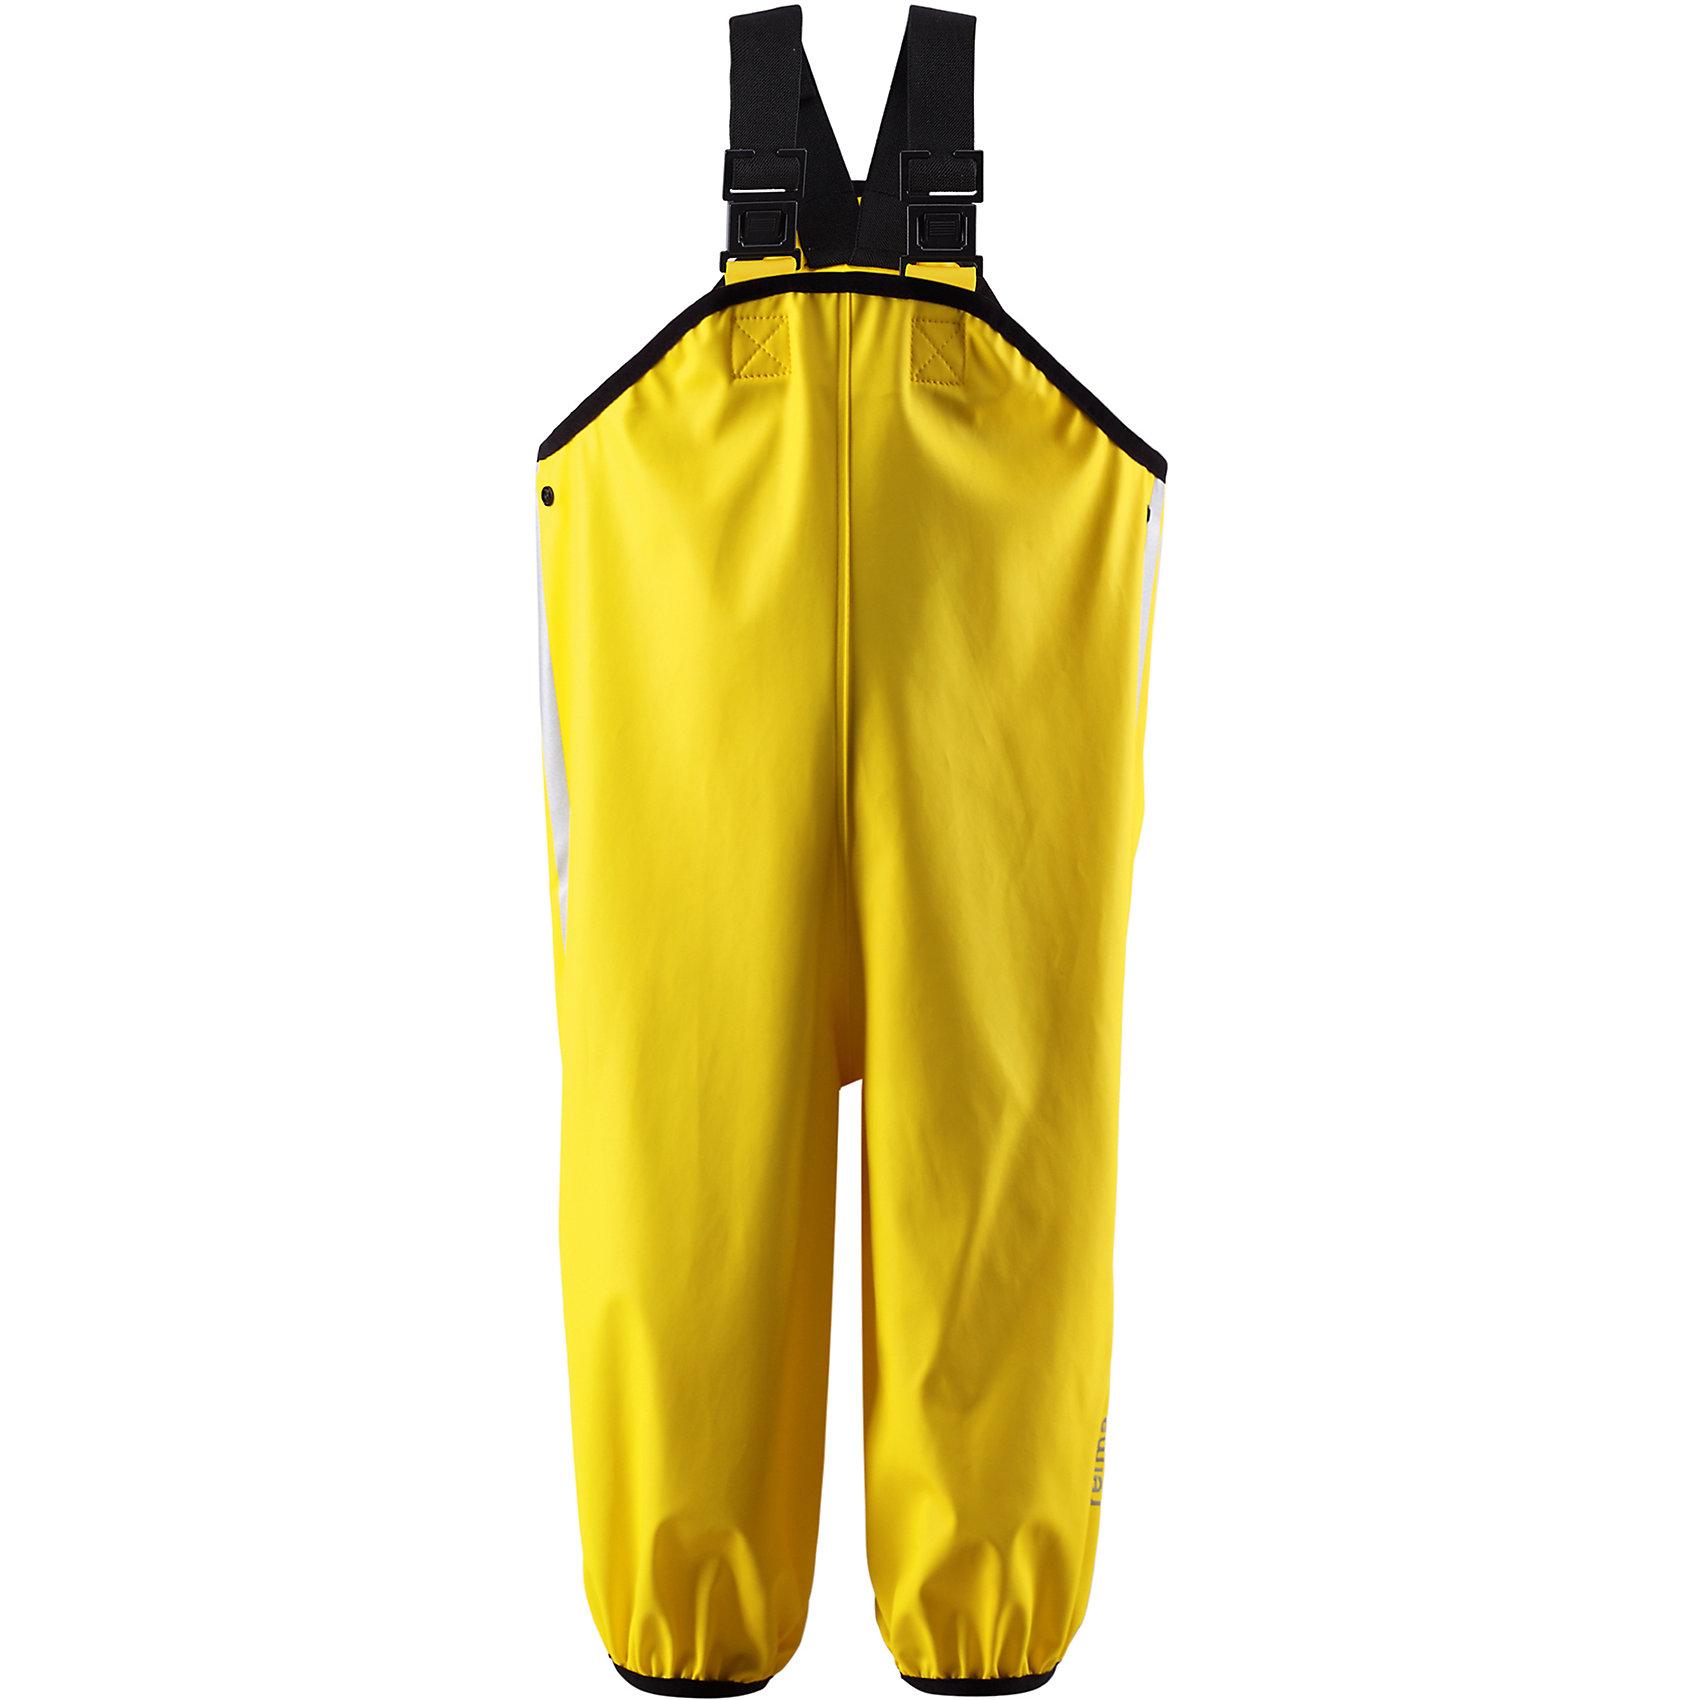 Непромокаемый полукомбинезон ReimaОдежда<br>Дети и лужи – отличное сочетание! Если только первые хорошо защищены. Эти классические брюки для дождливой погоды – безопасны в любую погоду. Материал - мягкий, но водонепроницаемый и грязеотталкивающий. Он также износостойкий и не «деревенеет» на морозе, поэтому брюки можно носить круглый год. Так как швы запаяны, они – абсолютно водонепроницаемы. Удобные эластичные подтяжки удерживают брюки во время активных игр, в то время как штрипки зафиксируют брючины внутри голенищ резиновых ботинок. Без подкладки. Отличный вариант для дождливой погоды.<br><br>Дополнительная информация:<br><br>Брюки для дождливой погоды для детей и малышей<br>Запаянные швы, не пропускающие влагу<br>Эластичный материал<br>Без ПХВ<br>Регулируемый обхват талии<br>Эластичная резинка на штанинах<br>Съемные эластичные штрипки<br>Регулируемые эластичные подтяжки<br>Безопасные светоотражающие детали<br>Состав:<br>100% ПЭ, ПУ-покрытие<br>Уход:<br>Стирать по отдельности, вывернув наизнанку. Стирать моющим средством, не содержащим отбеливающие вещества. Полоскать без специального средства. Во избежание изменения цвета изделие необходимо вынуть из стиральной машинки незамедлительно после окончания программы стирки. Сушить при низкой температуре.<br><br>Ширина мм: 215<br>Глубина мм: 88<br>Высота мм: 191<br>Вес г: 336<br>Цвет: желтый<br>Возраст от месяцев: 84<br>Возраст до месяцев: 96<br>Пол: Унисекс<br>Возраст: Детский<br>Размер: 128,74,116,80,98,92,86,122,110,104<br>SKU: 4498532